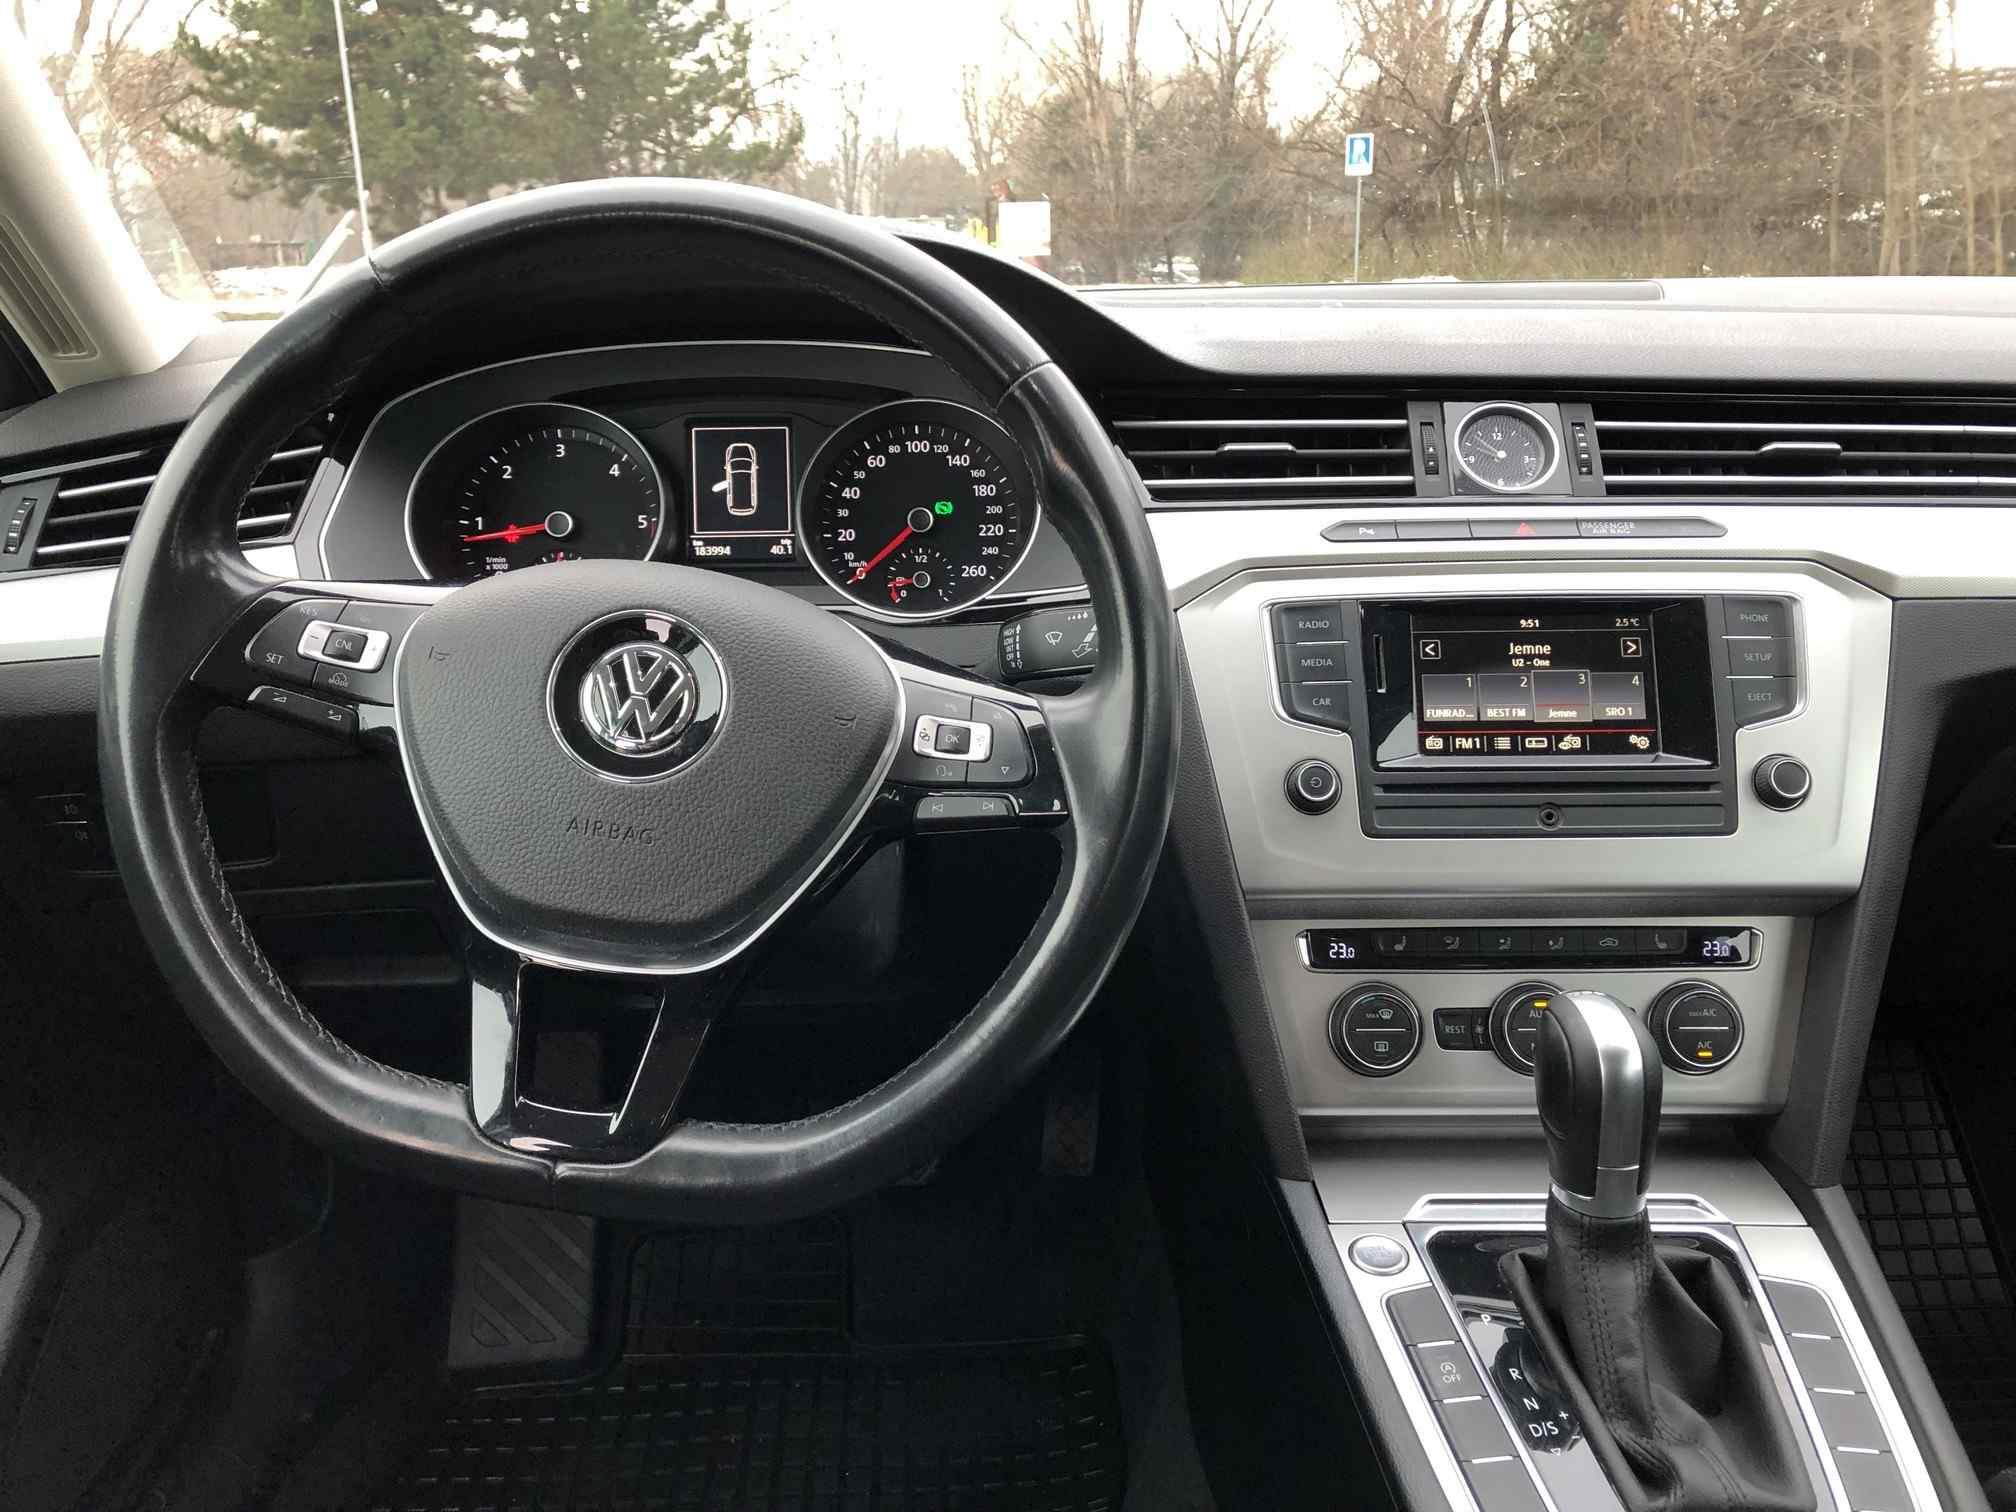 Volkswagen Passat Variant 2.0 TDI Comfortline DSG